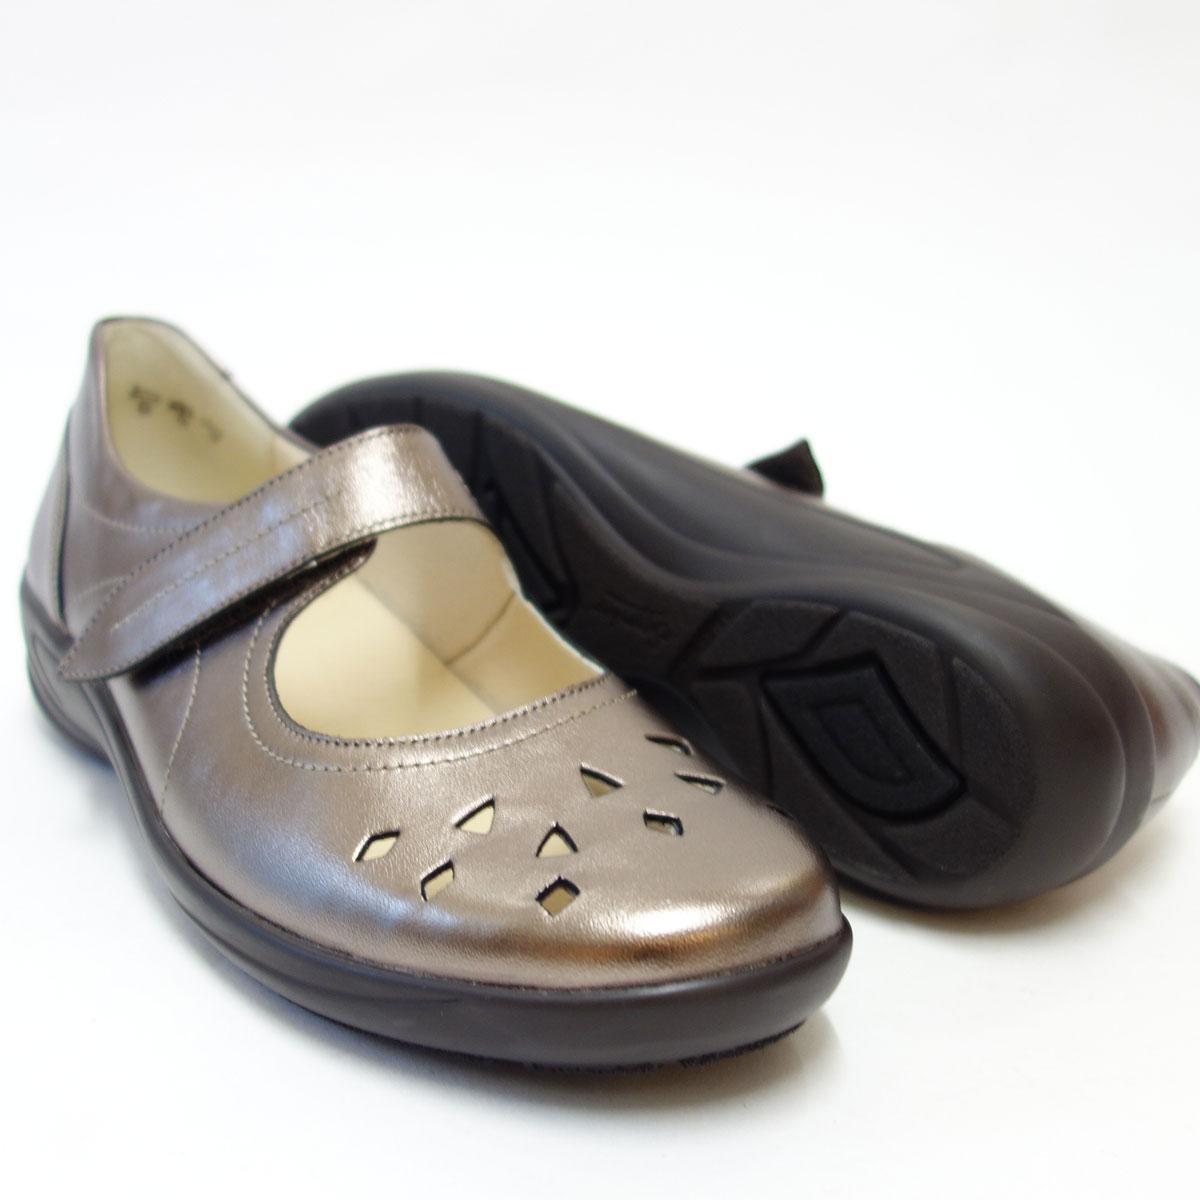 足をやさしく包み込む快適シューズSemler セムラー 6035 ブロンズゆったり幅で指先楽ちんシューズ「靴」